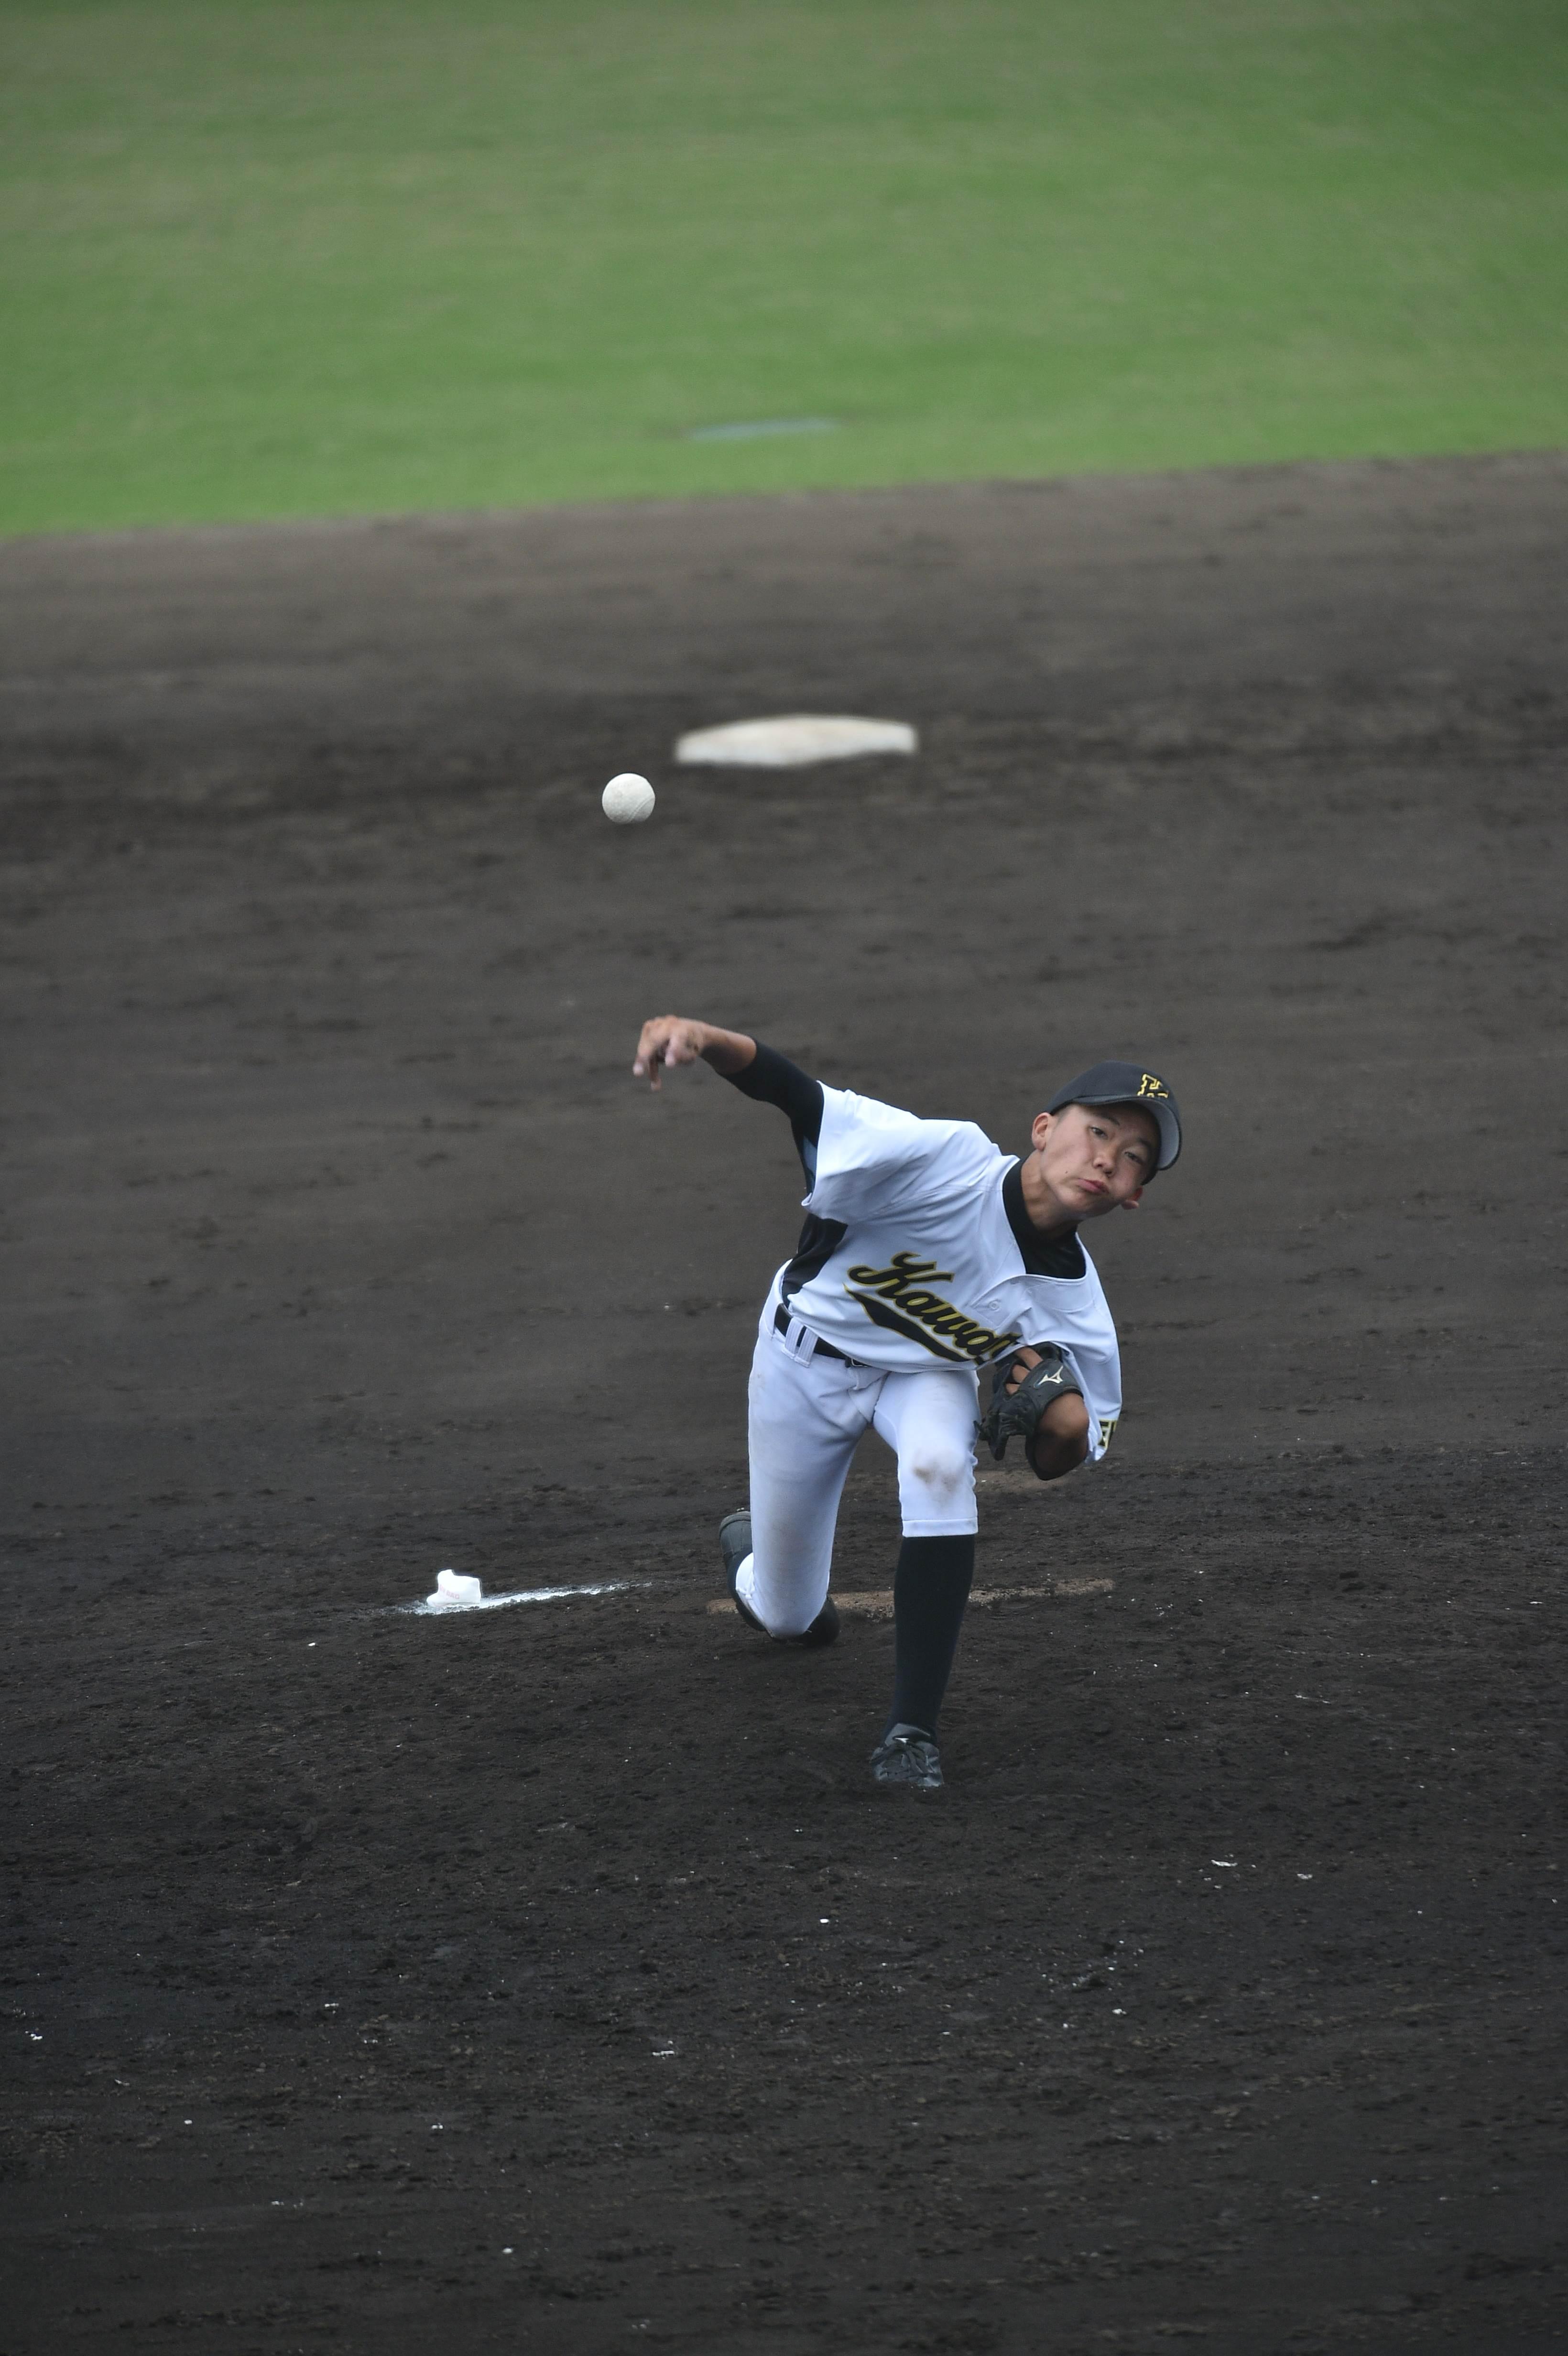 軟式野球 (413)